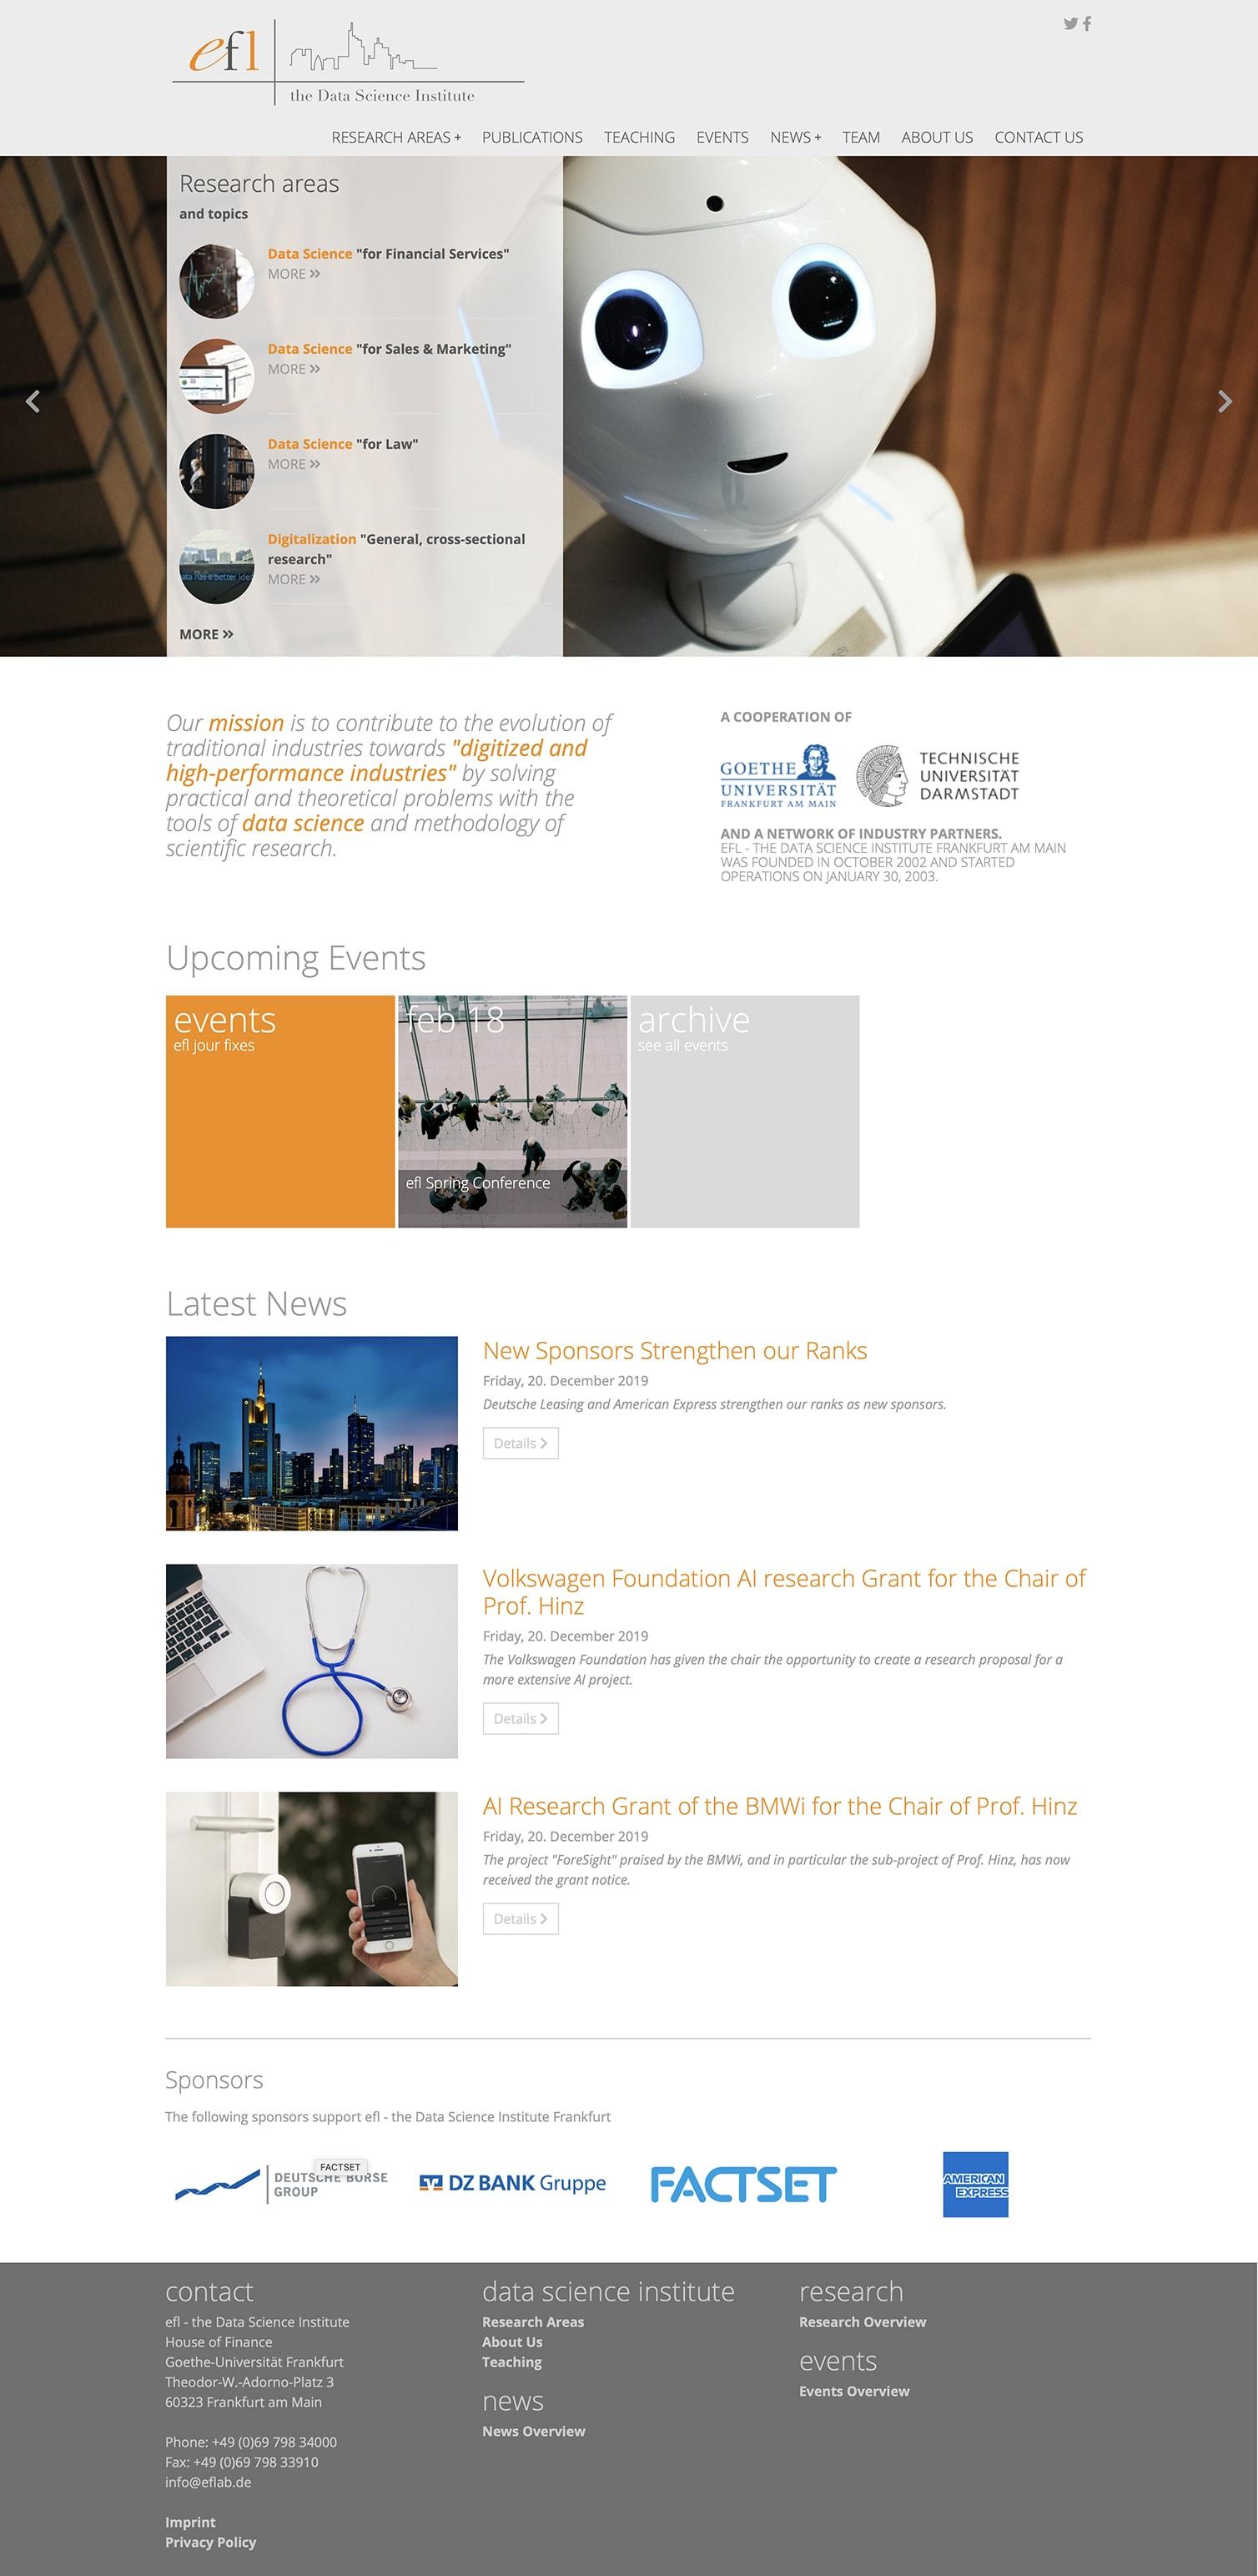 Entwicklung einer Typo3 Website für E-Finance Lab der Johann Wolfgang Goethe-Universität Frankfurt Startseite durch Ronald Wissler Visuelle Kommunikation